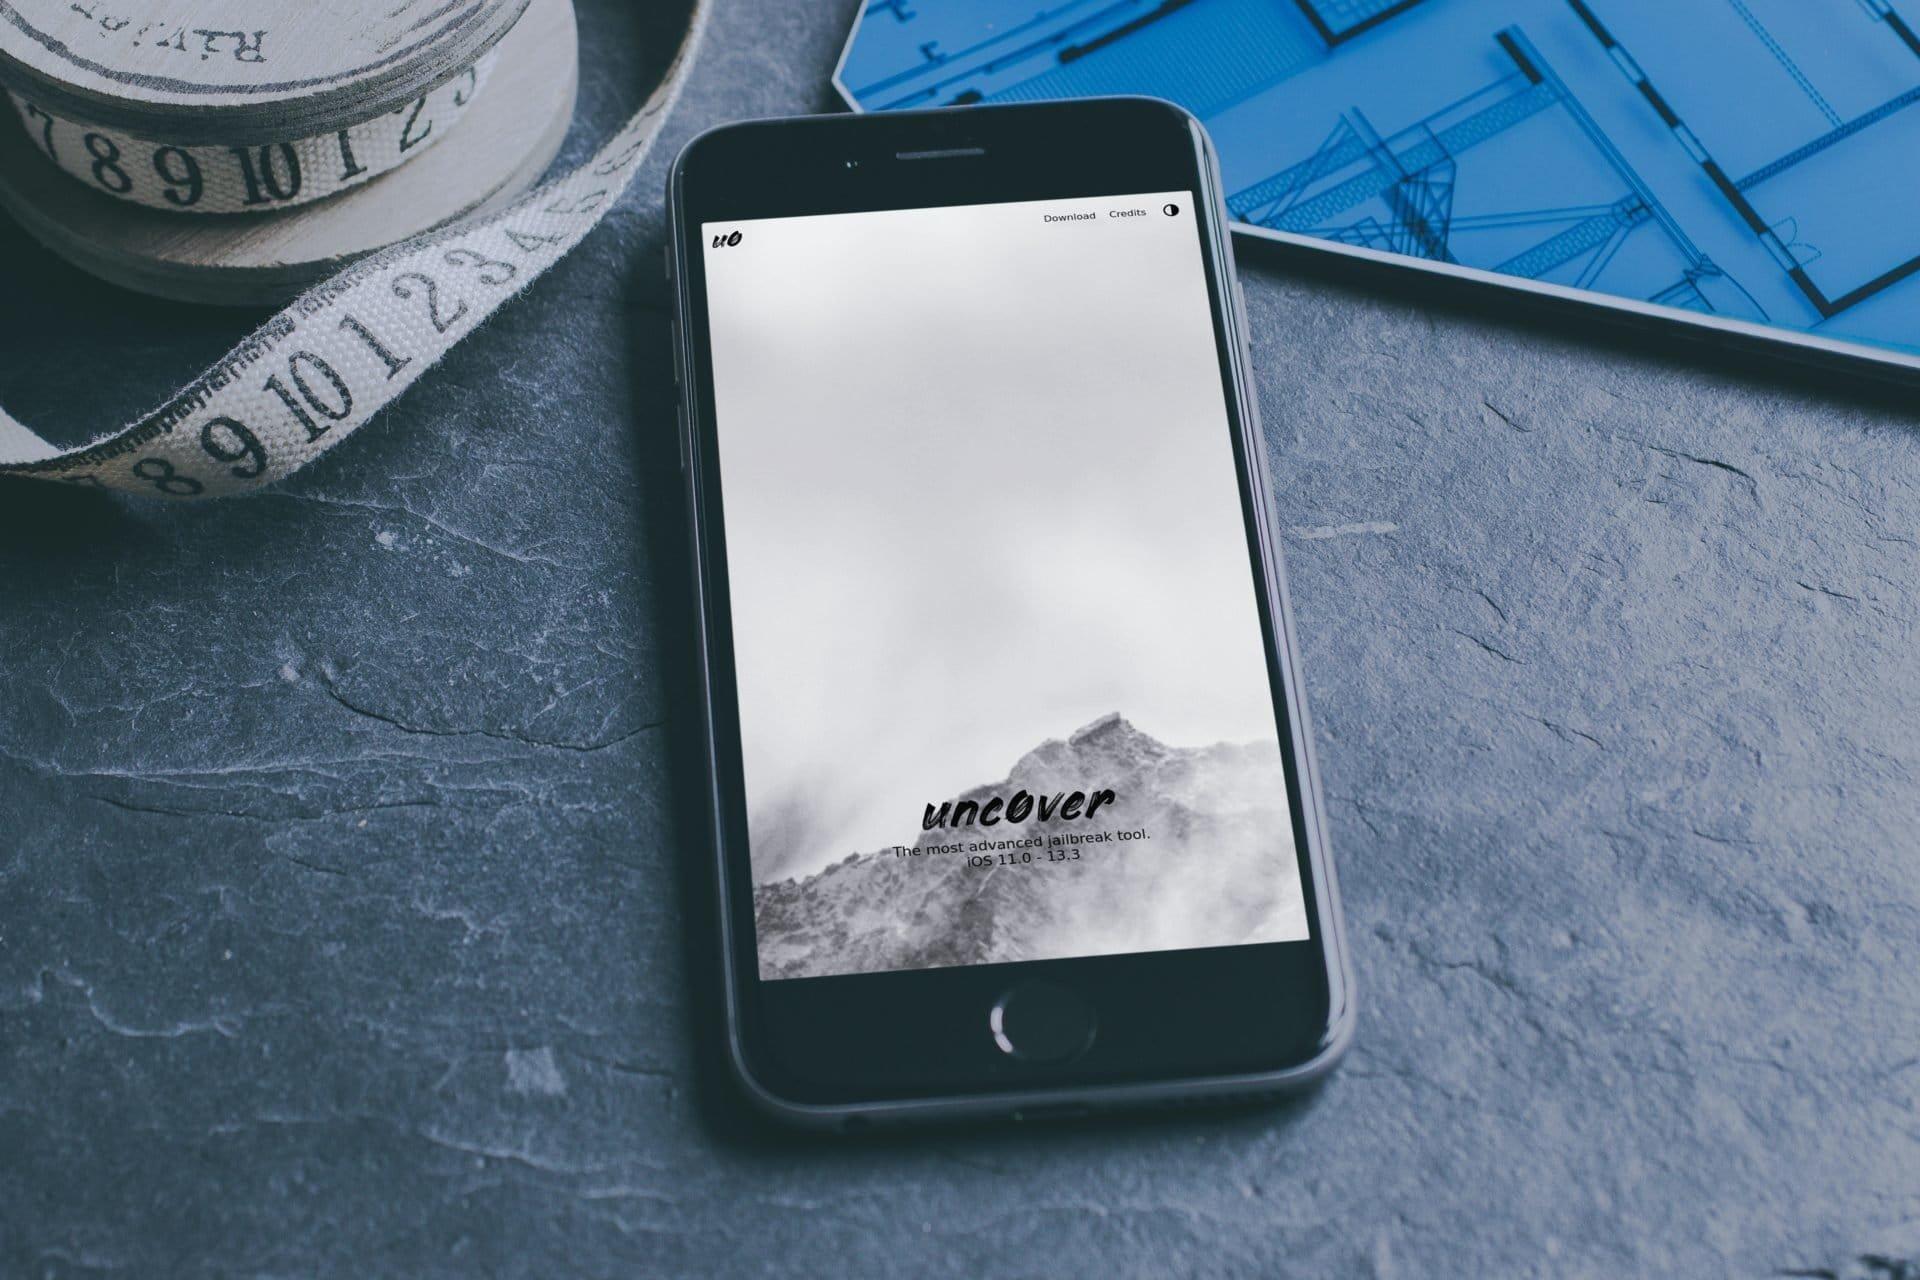 unc0ver-Jailbreak auf dem iPhone